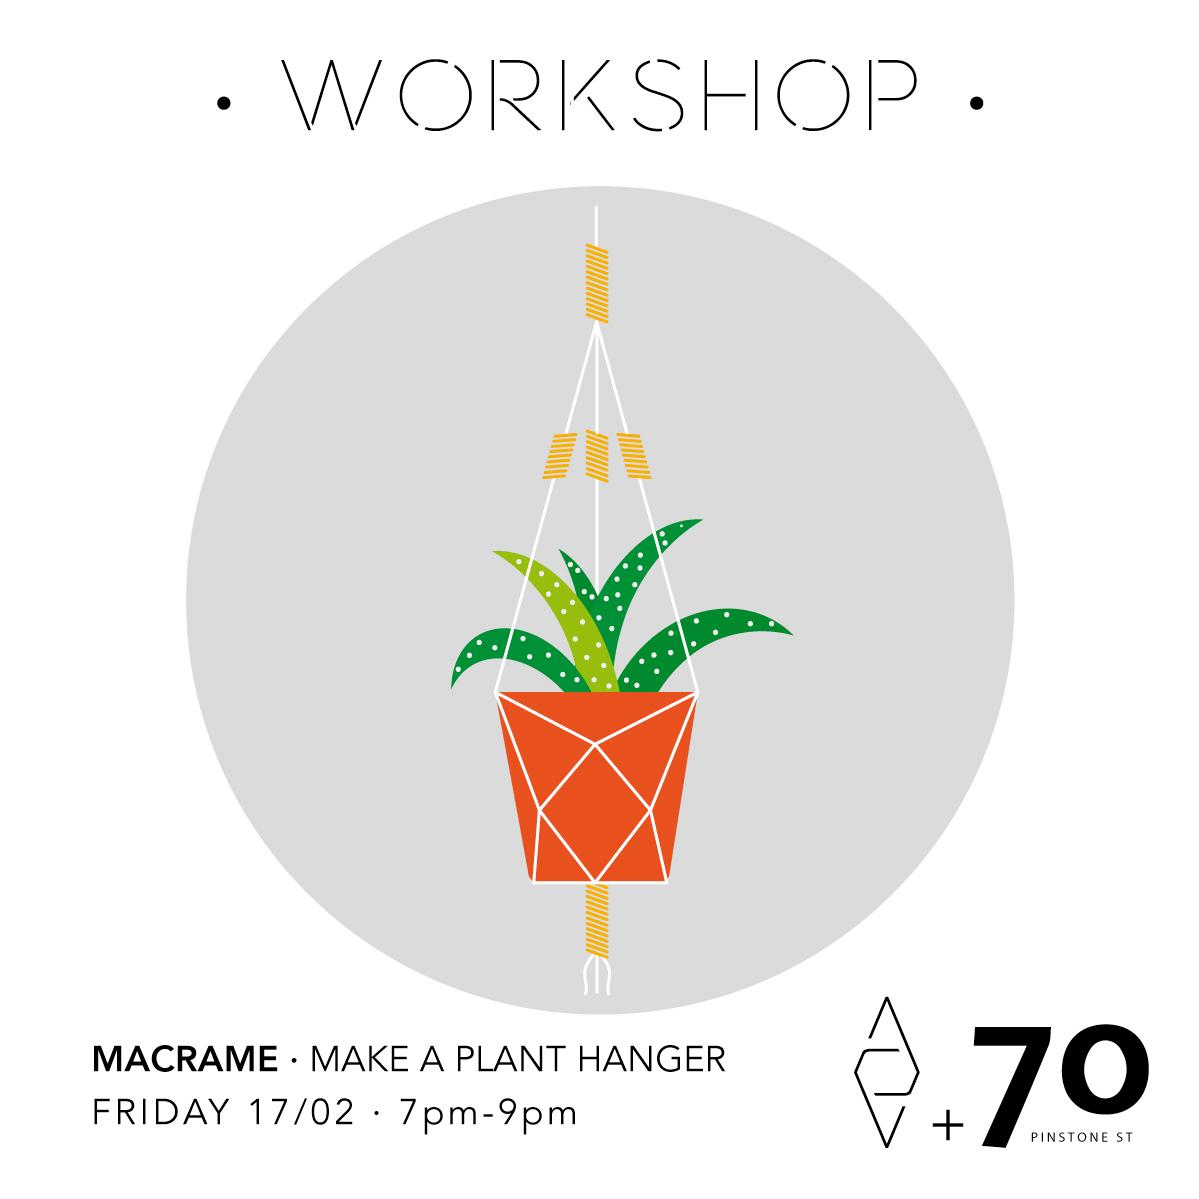 planthanger-workshop3.jpg